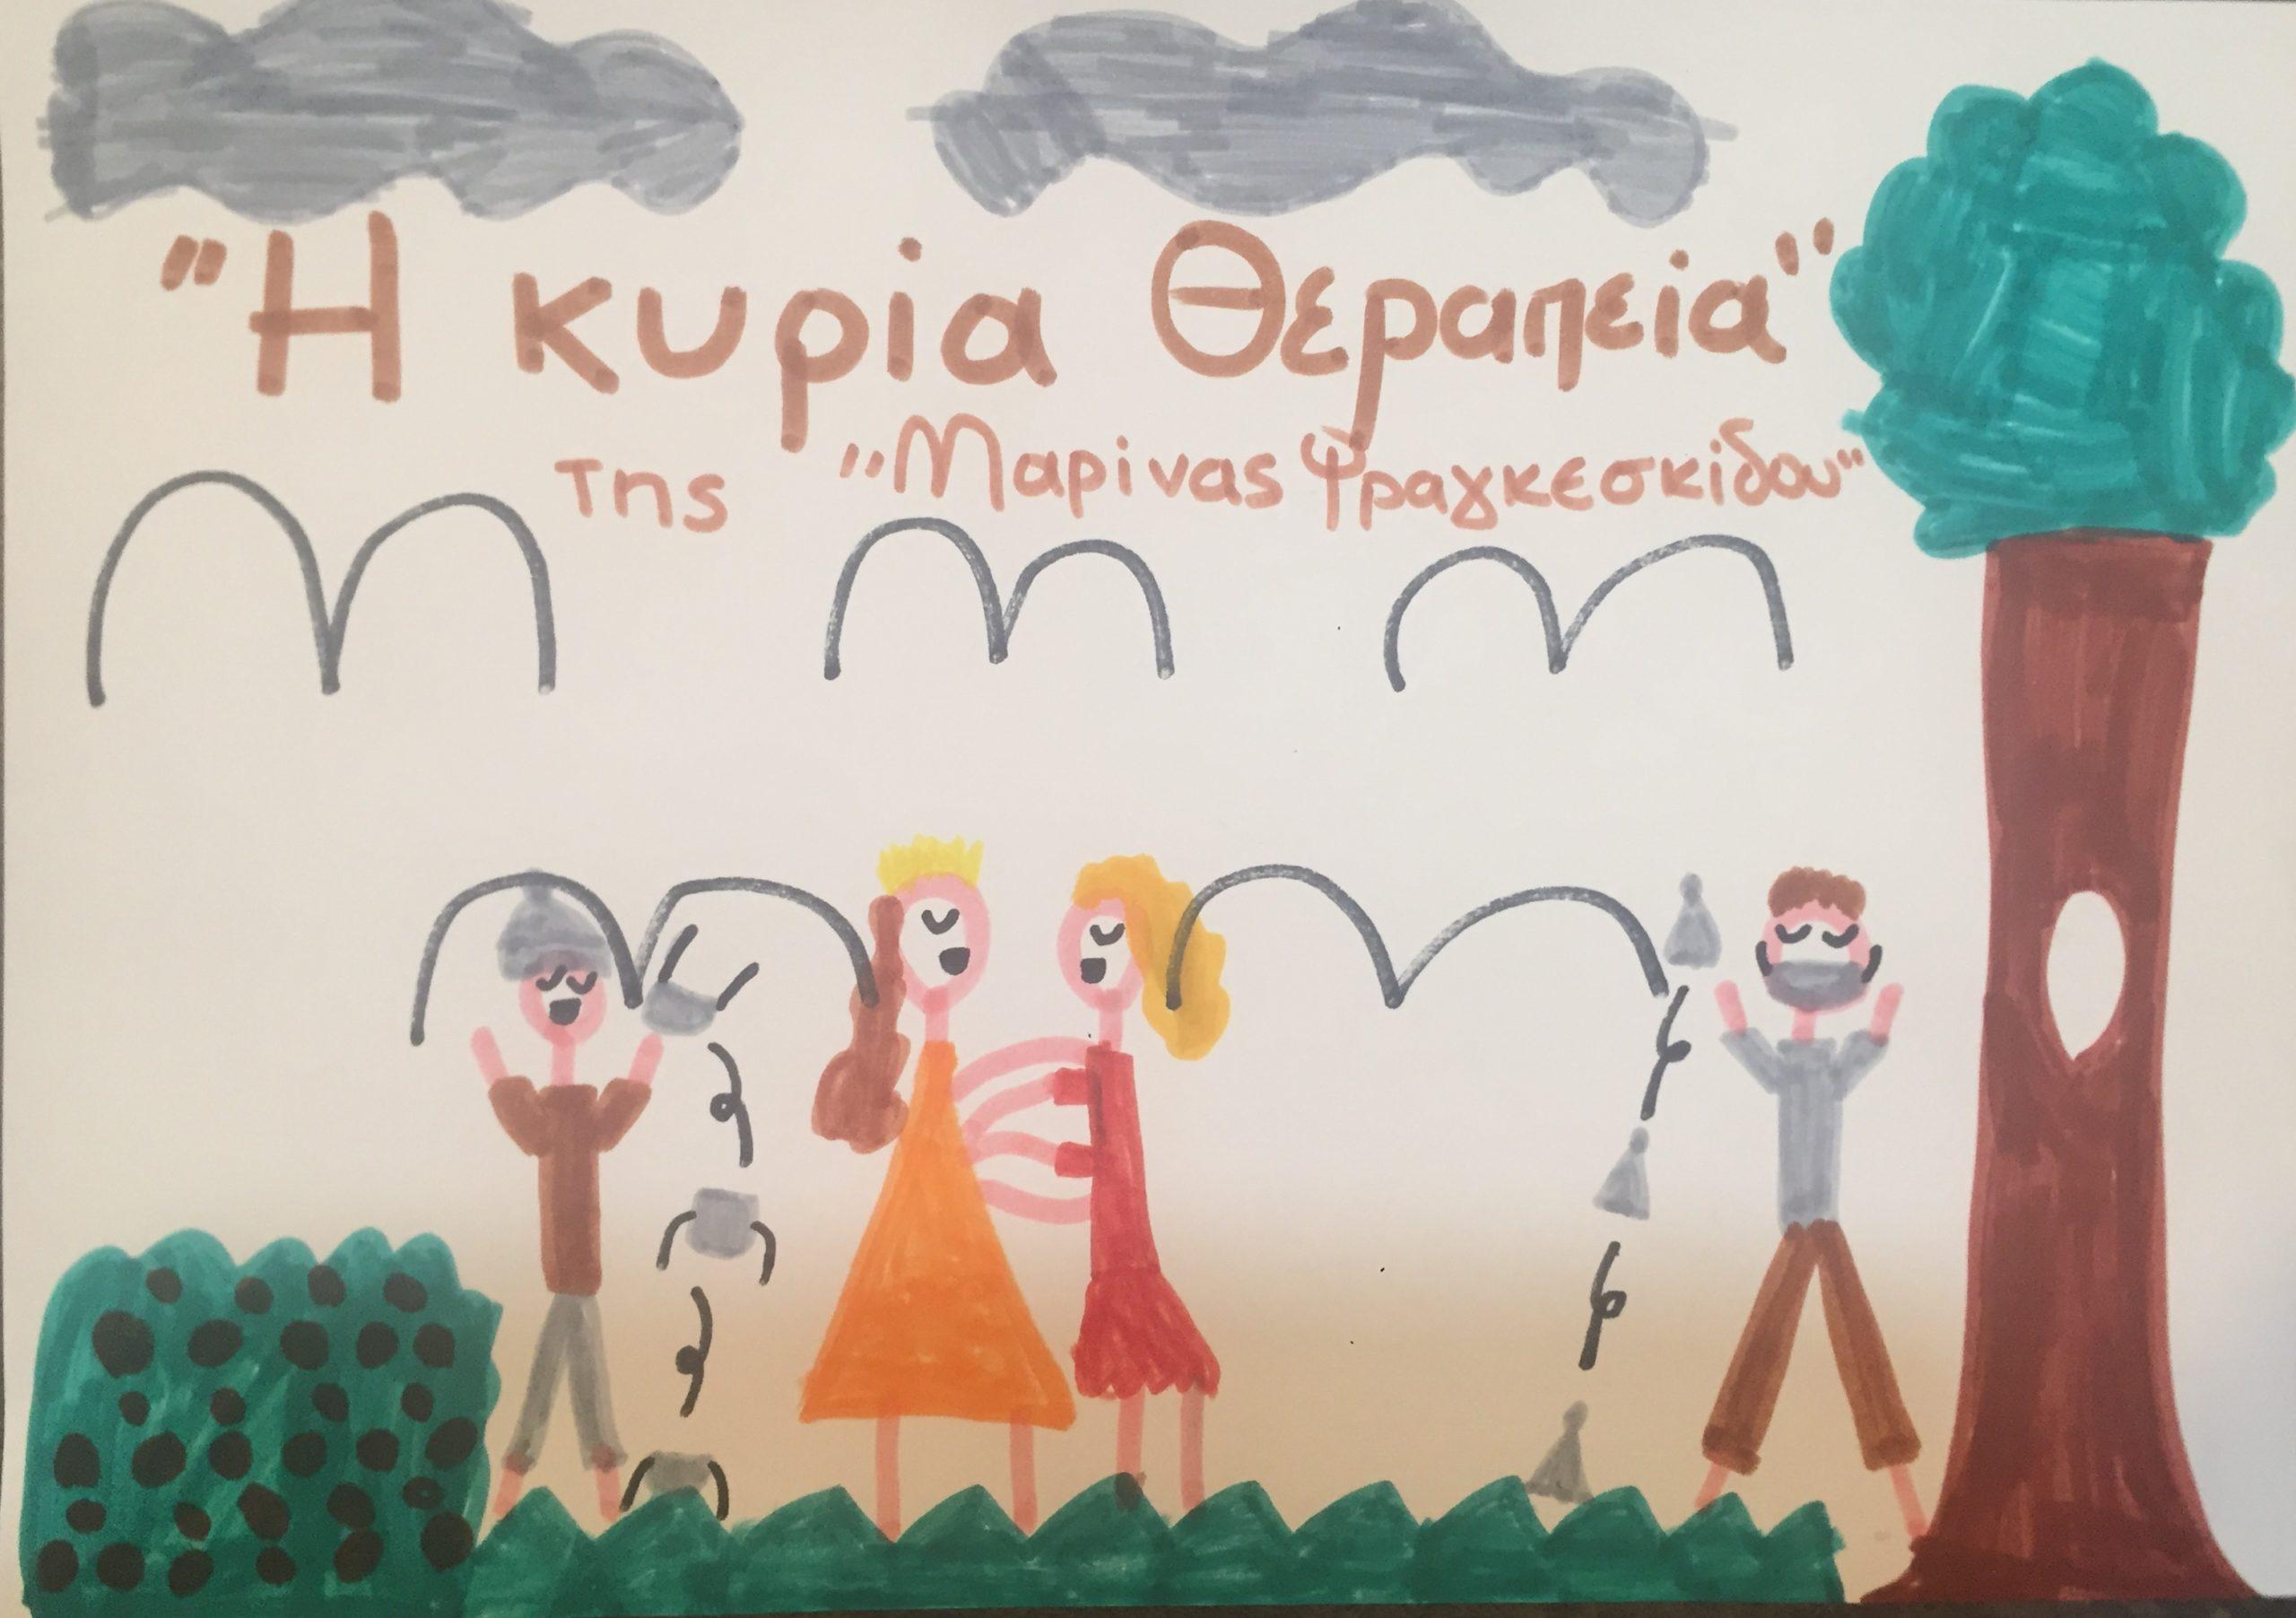 """Κατεβάστε δωρεάν το παραμύθι """"Η κυρία Θεραπεία""""  – Thisisus.gr"""